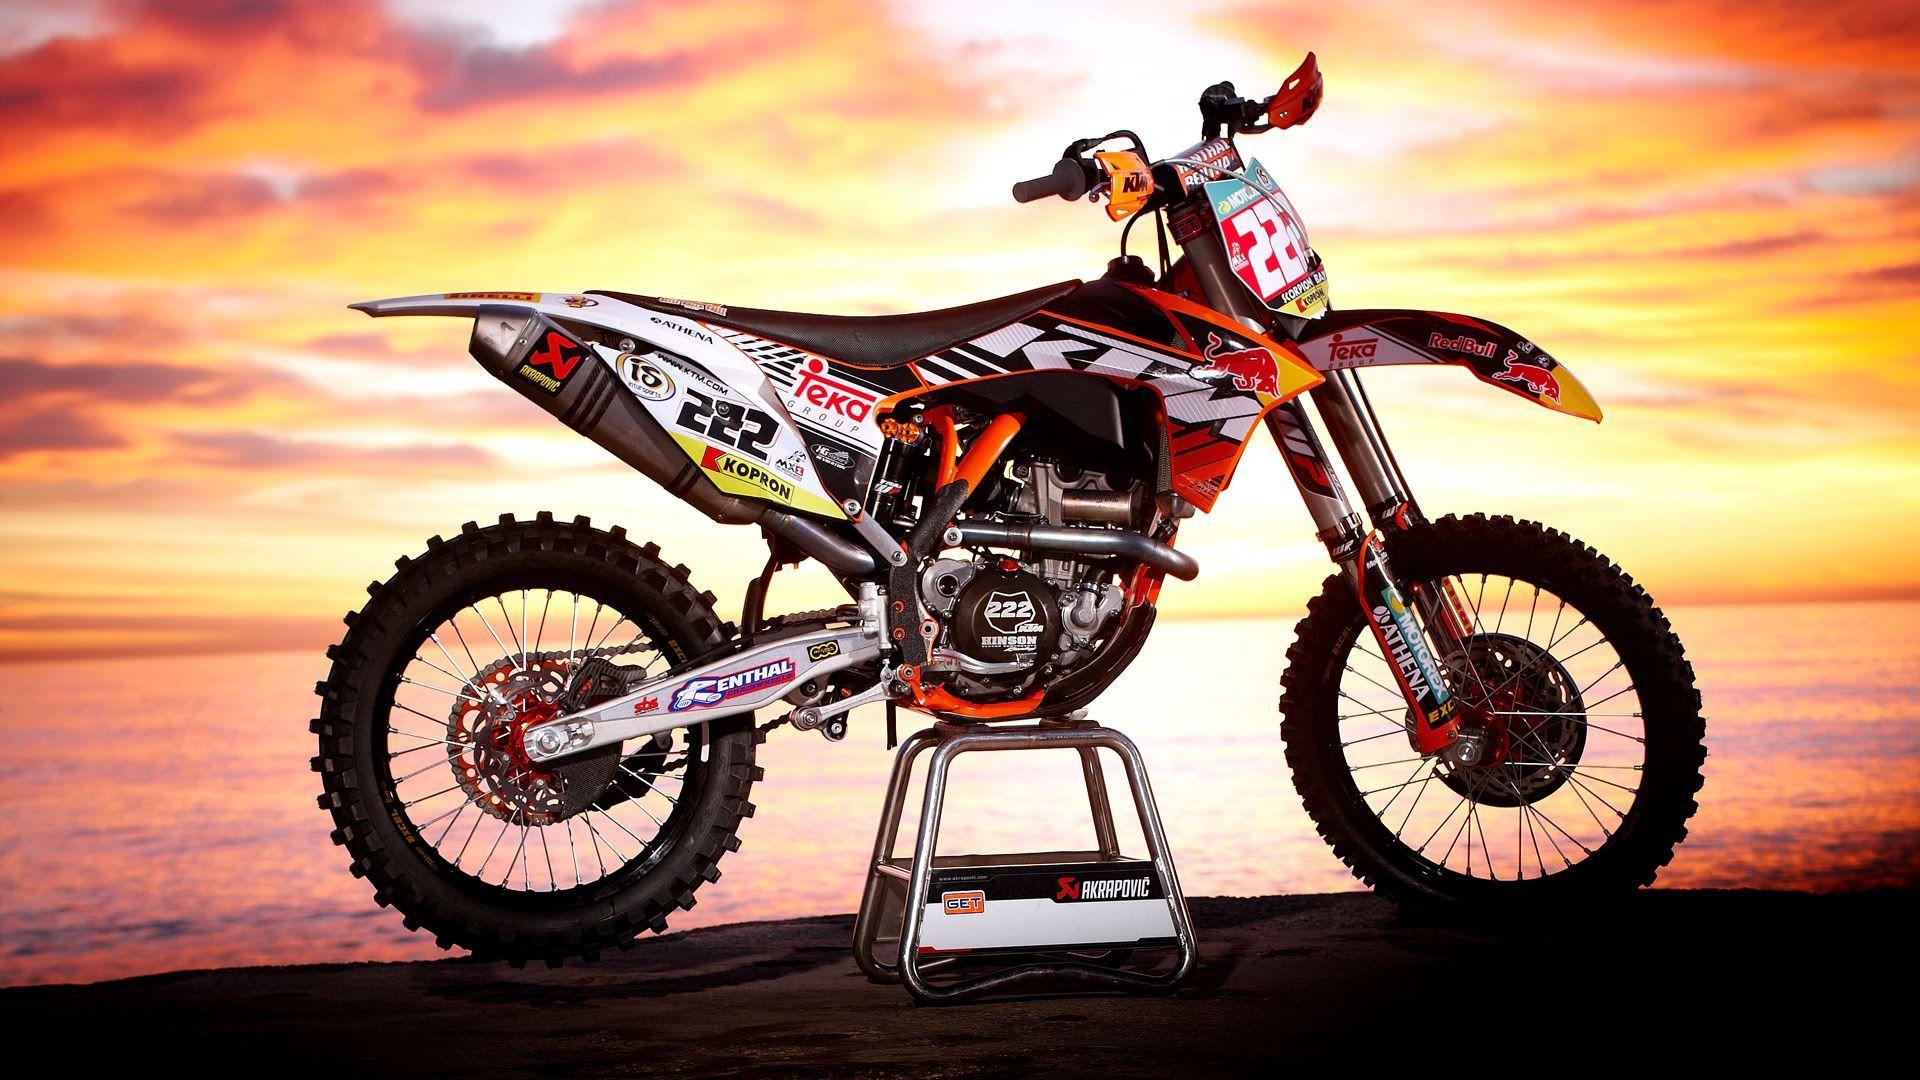 89 Cool Ktm Wallpaper Dirt Bike For Pc Ktm Motocross Ktm Motorcycle Wallpaper